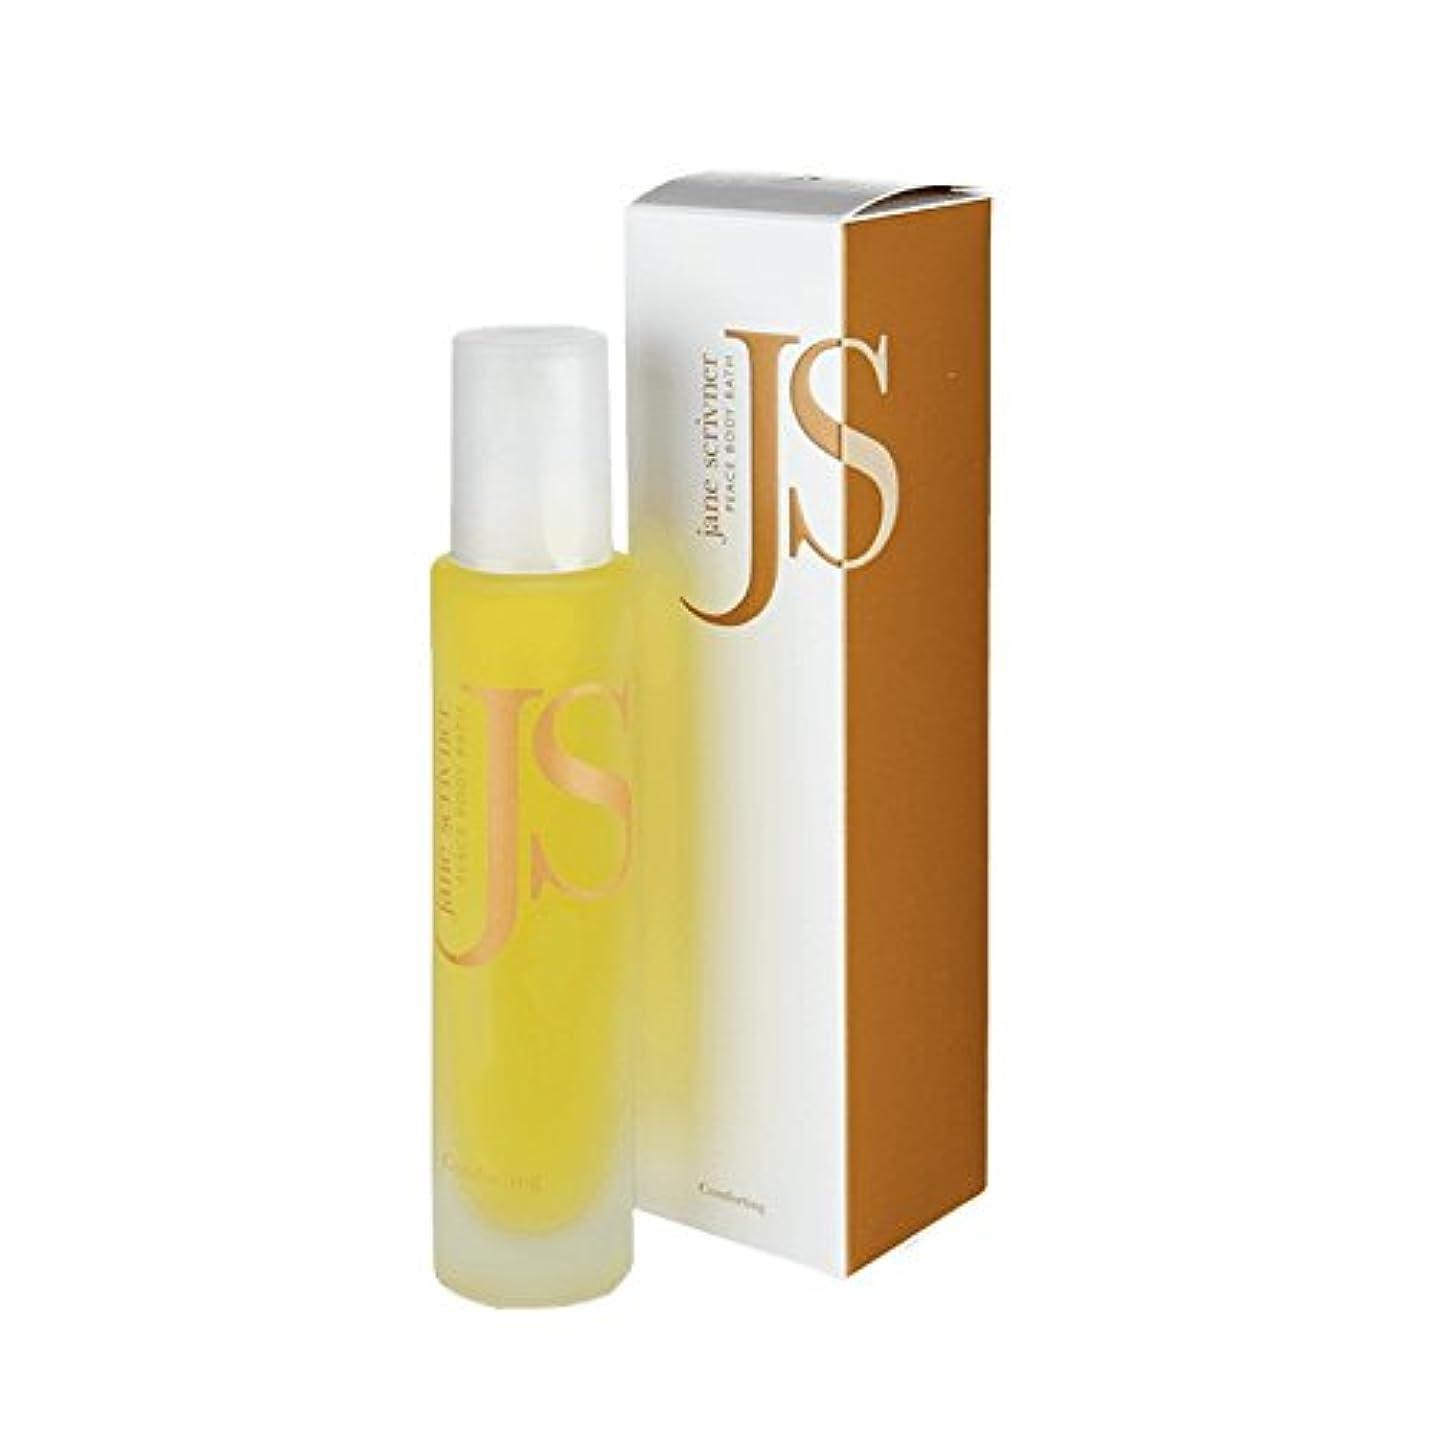 追うドレイン騒Jane Scrivner Body Bath Oil Peace 100ml (Pack of 2) - ジェーンScrivnerボディバスオイル平和100ミリリットル (x2) [並行輸入品]